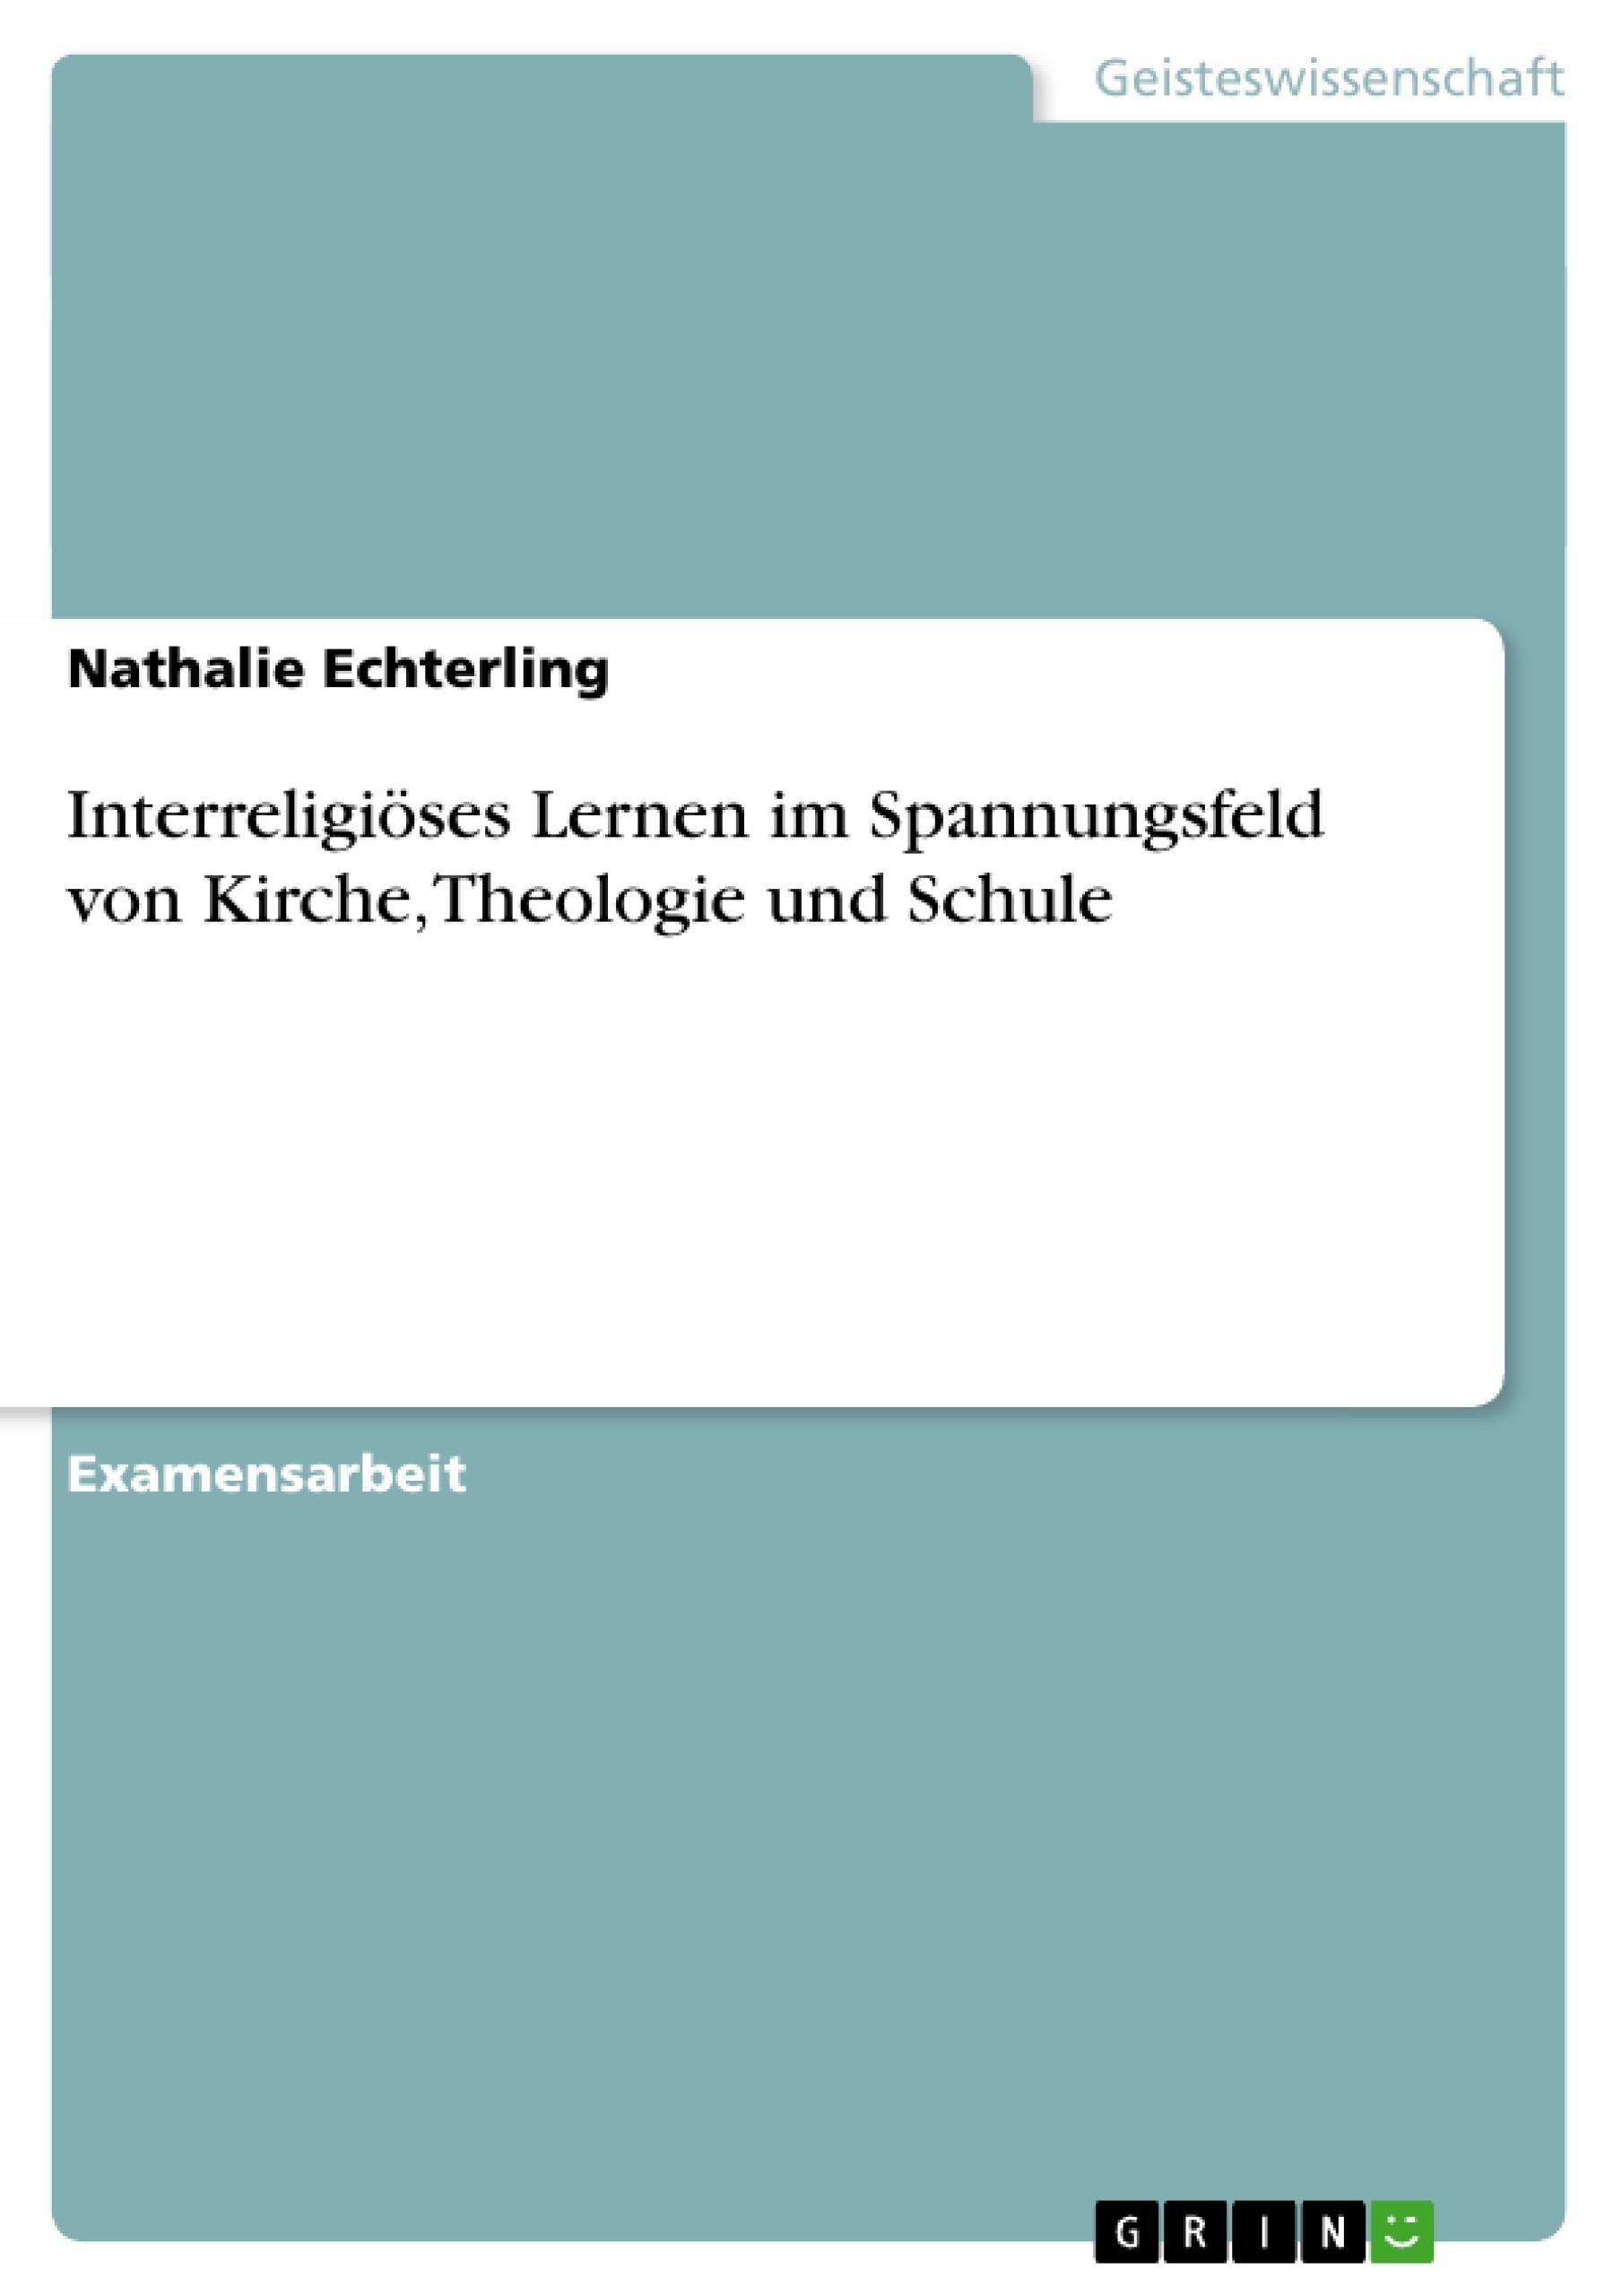 Titel: Interreligiöses Lernen im Spannungsfeld von Kirche, Theologie und Schule